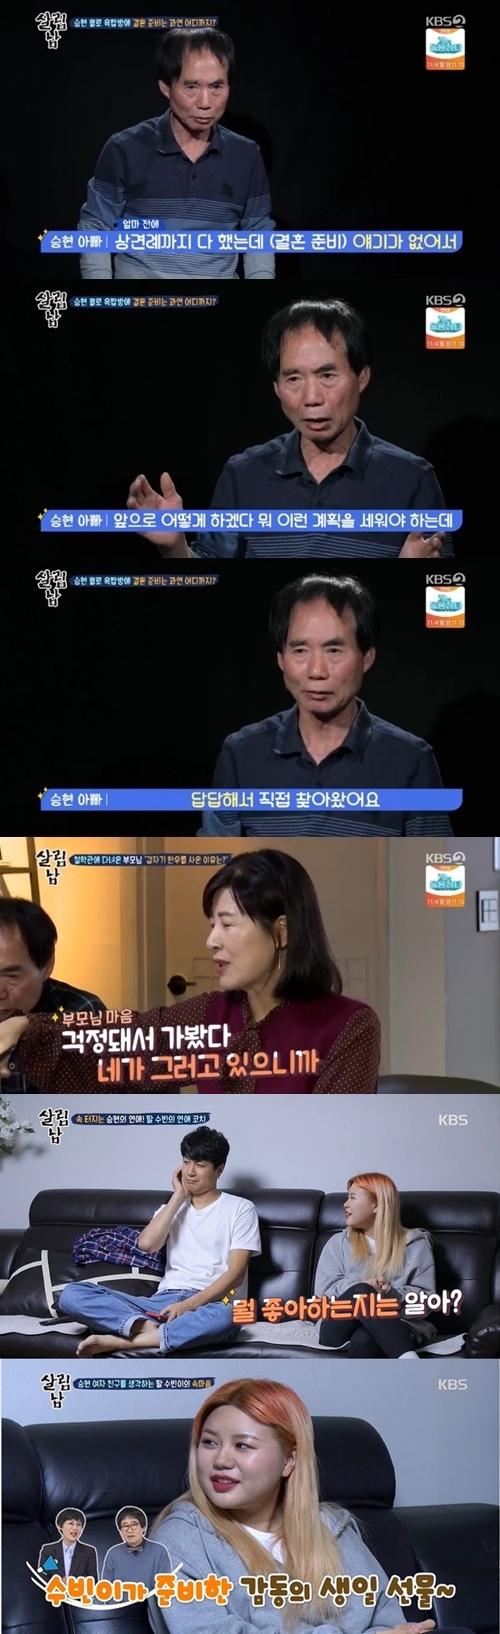 '살림남2' 김승현X여친과의 궁합 좋아...딸 수빈의 선물까지 [엑's 리뷰]